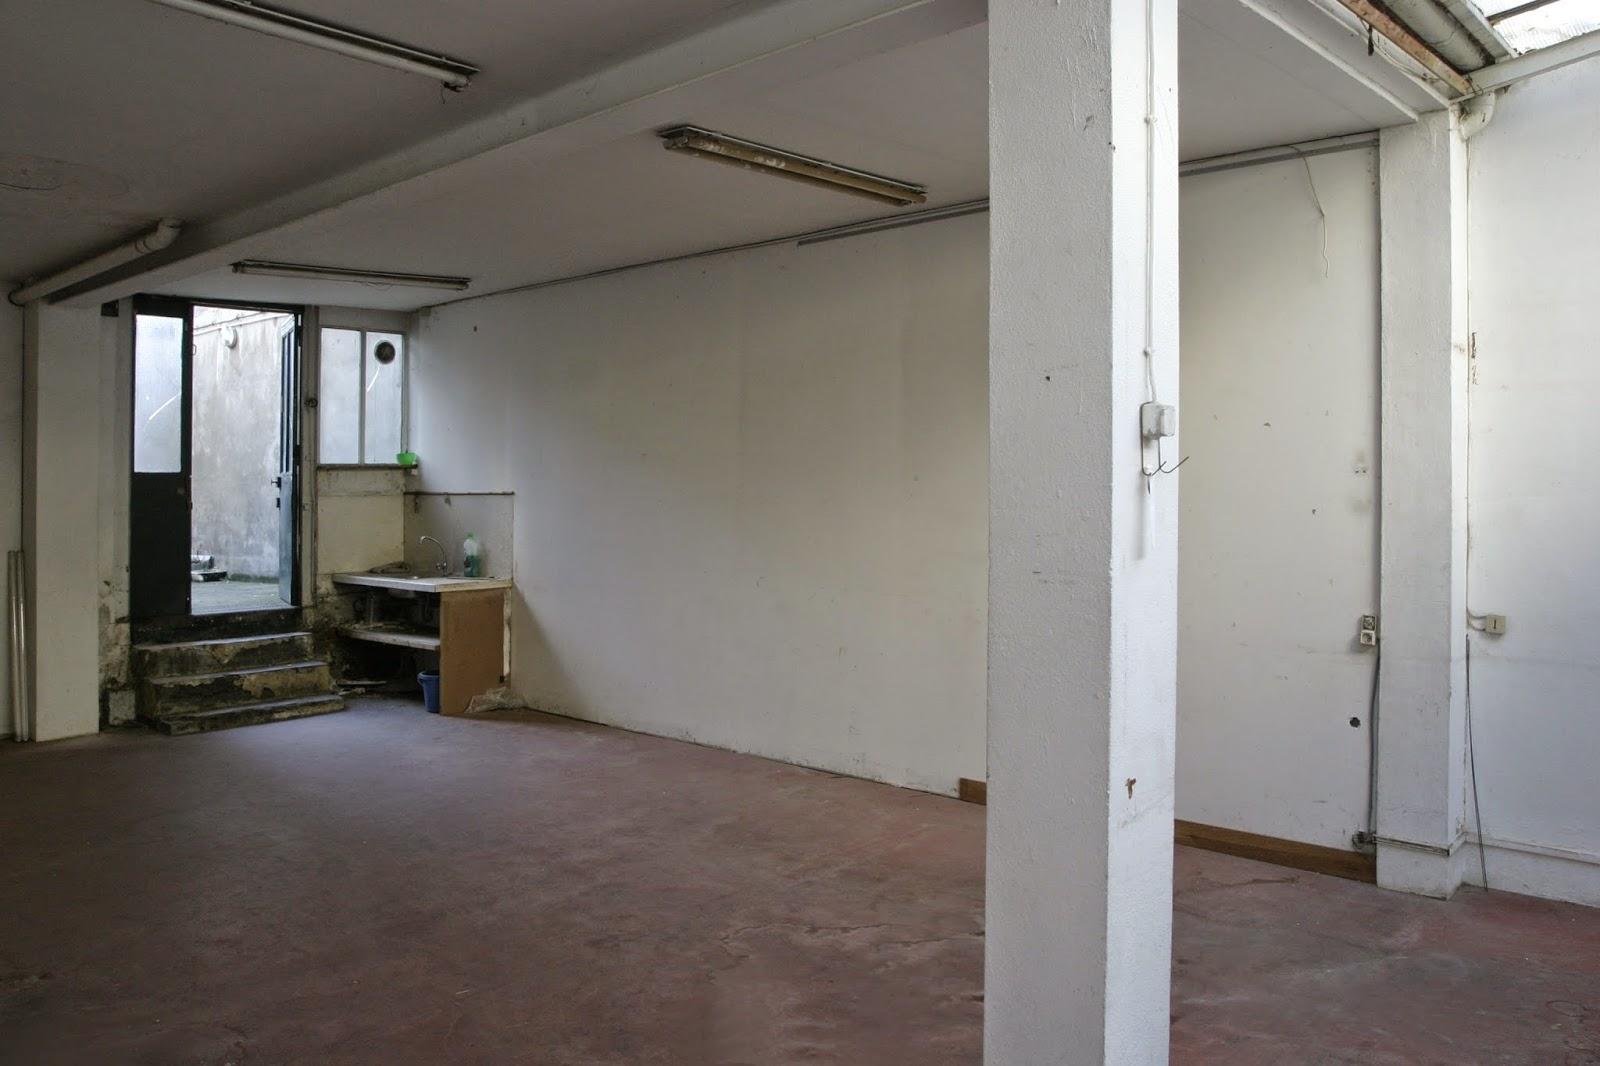 Atelier d 39 artiste pantin - Atelier d artiste a vendre ...